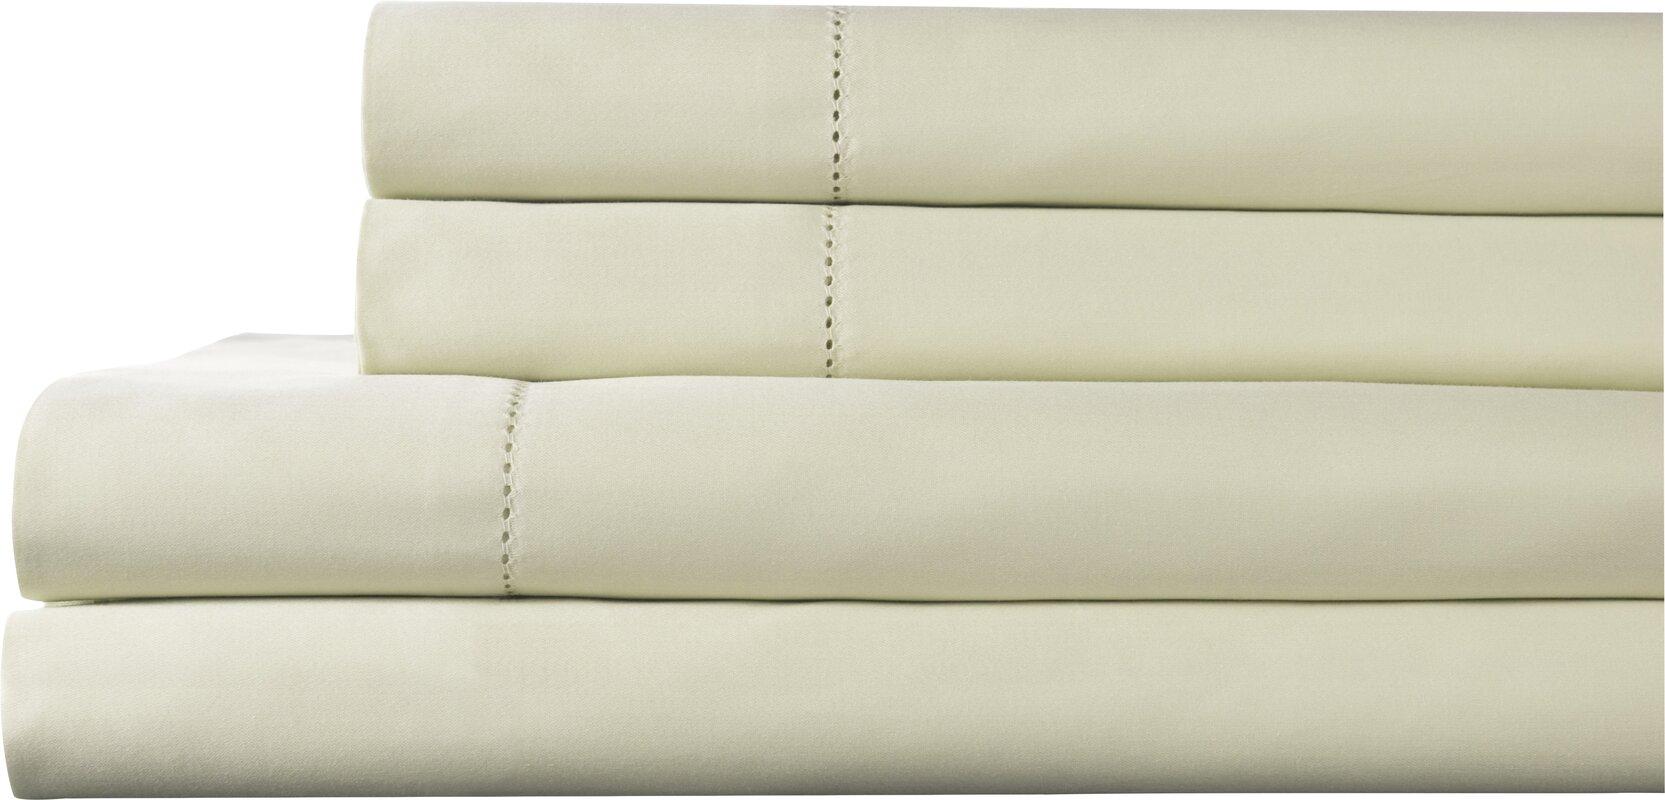 defaultname - Pima Cotton Sheets